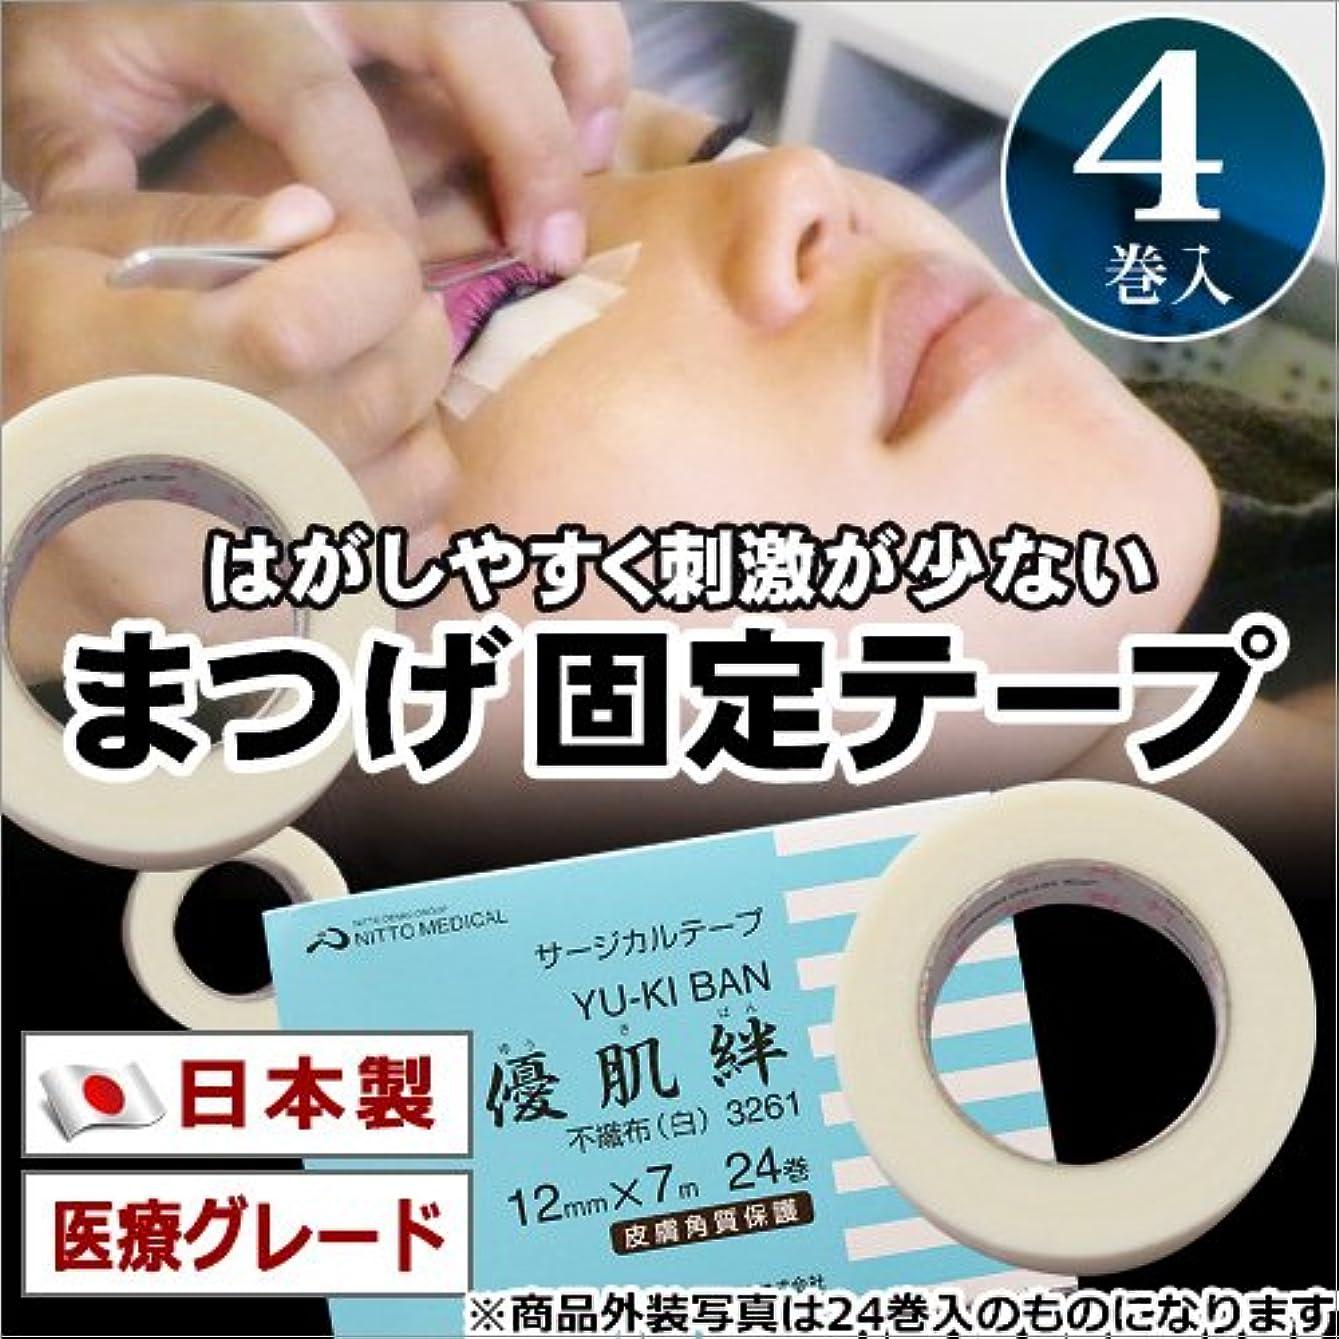 グリーンランド湿度上げる日本製 医療グレード アイラッシュテープ(まつげ固定テープ)4巻